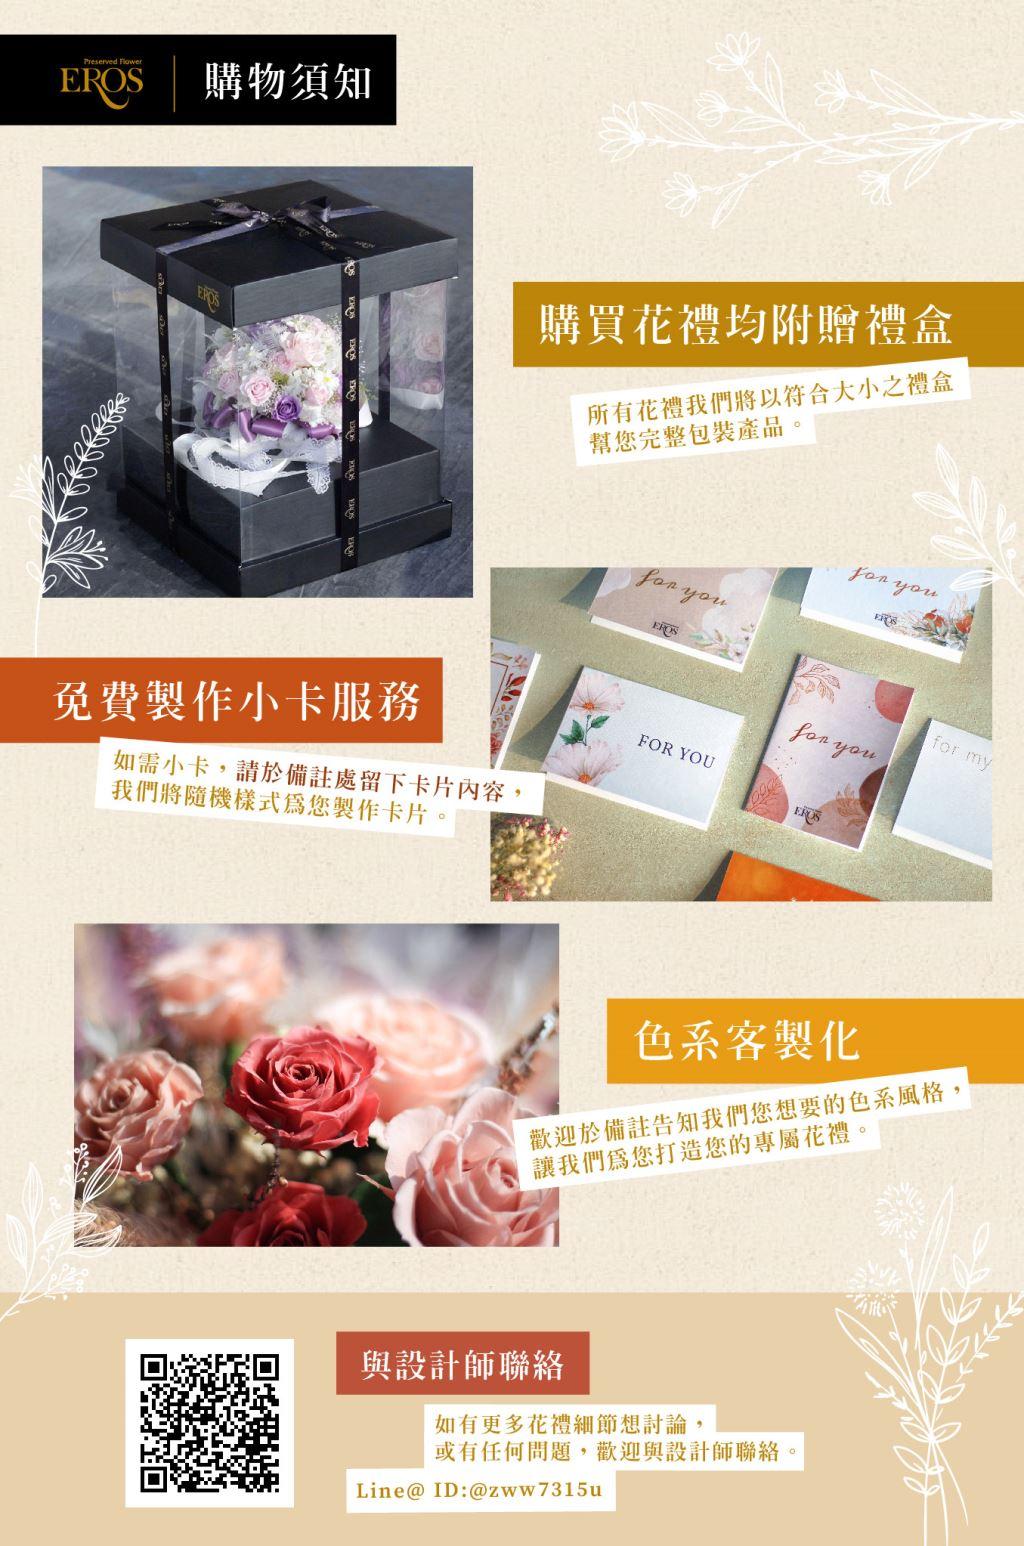 客製化花禮品訂製、EROS花禮品店、永生花、乾燥花、不凋花